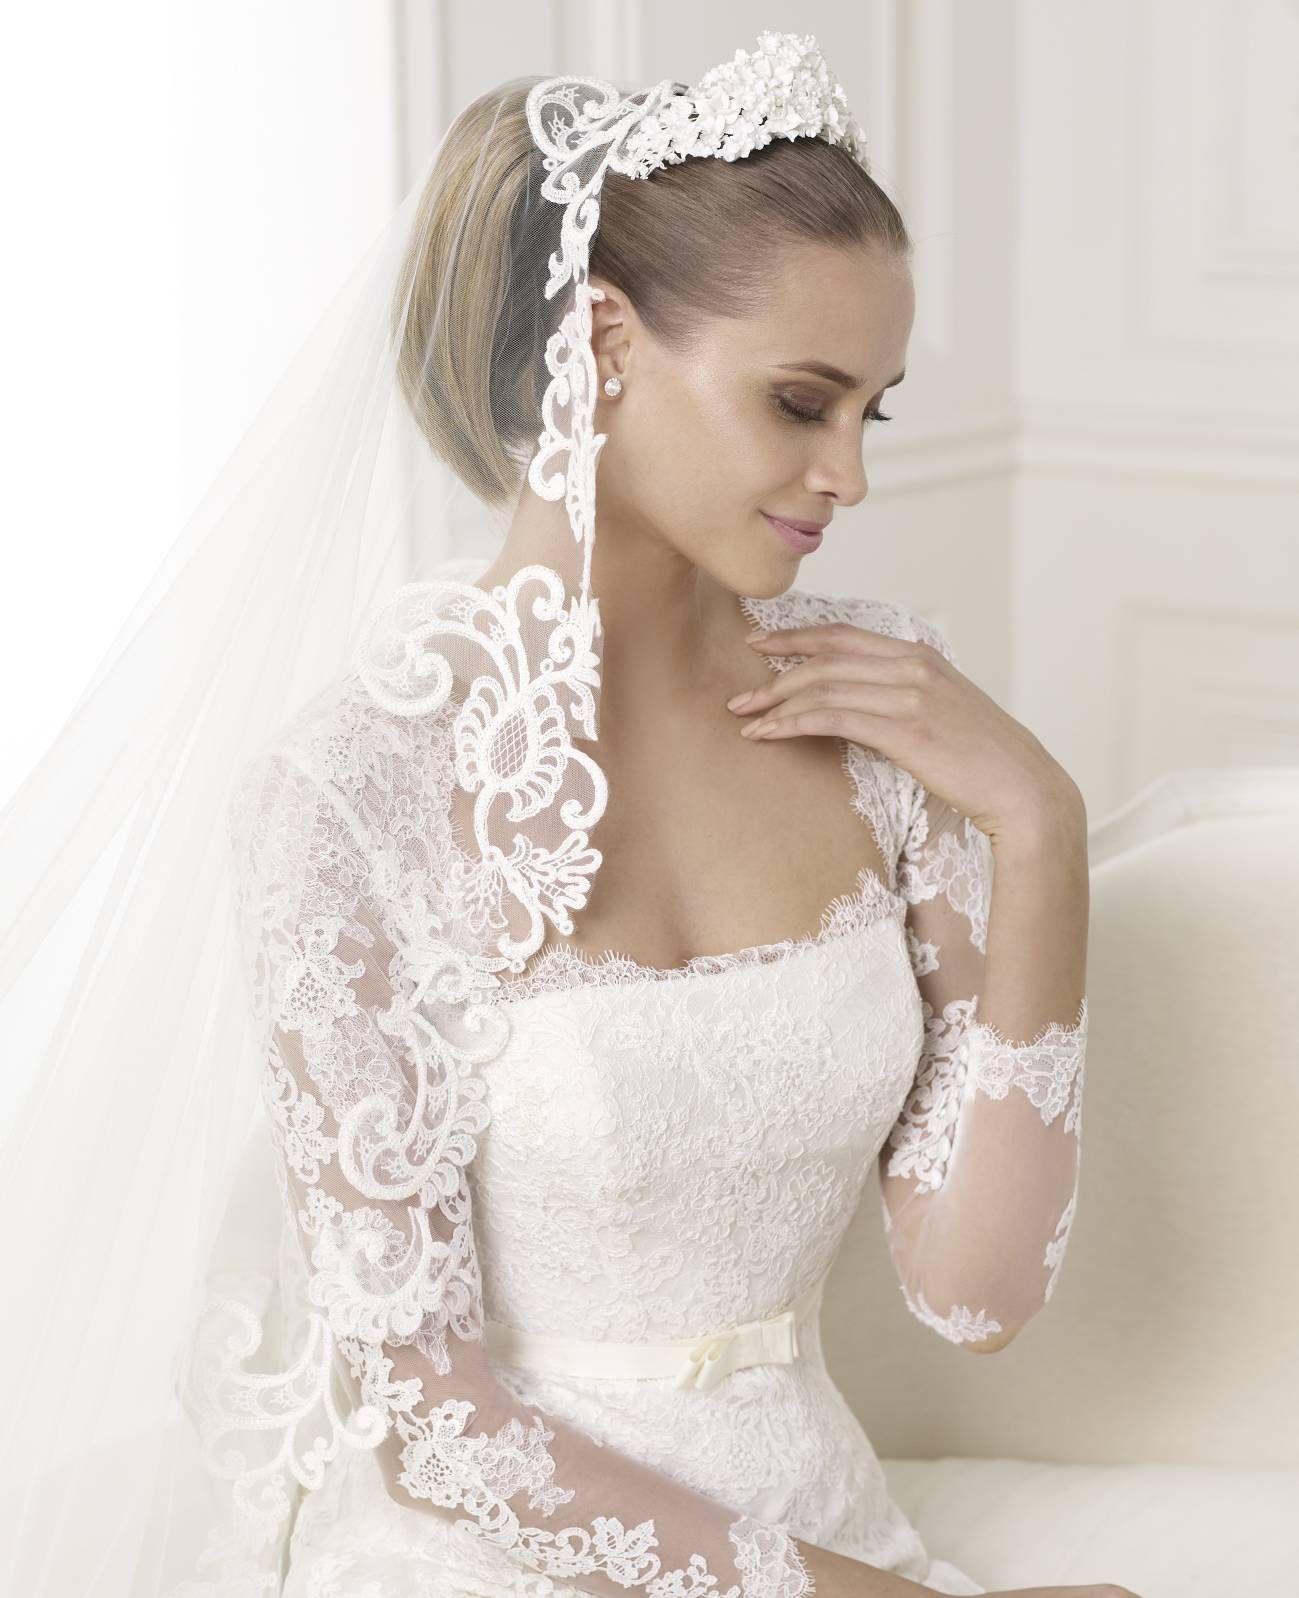 Az álomszép Pronovias Basico menyasszonyi ruha kedvezményes áron  kölcsönözhető a La Mariée Budapest esküvői ruhaszalonban. Magyarország  legnagyobb 2015-ös ... 17aa6dd30d